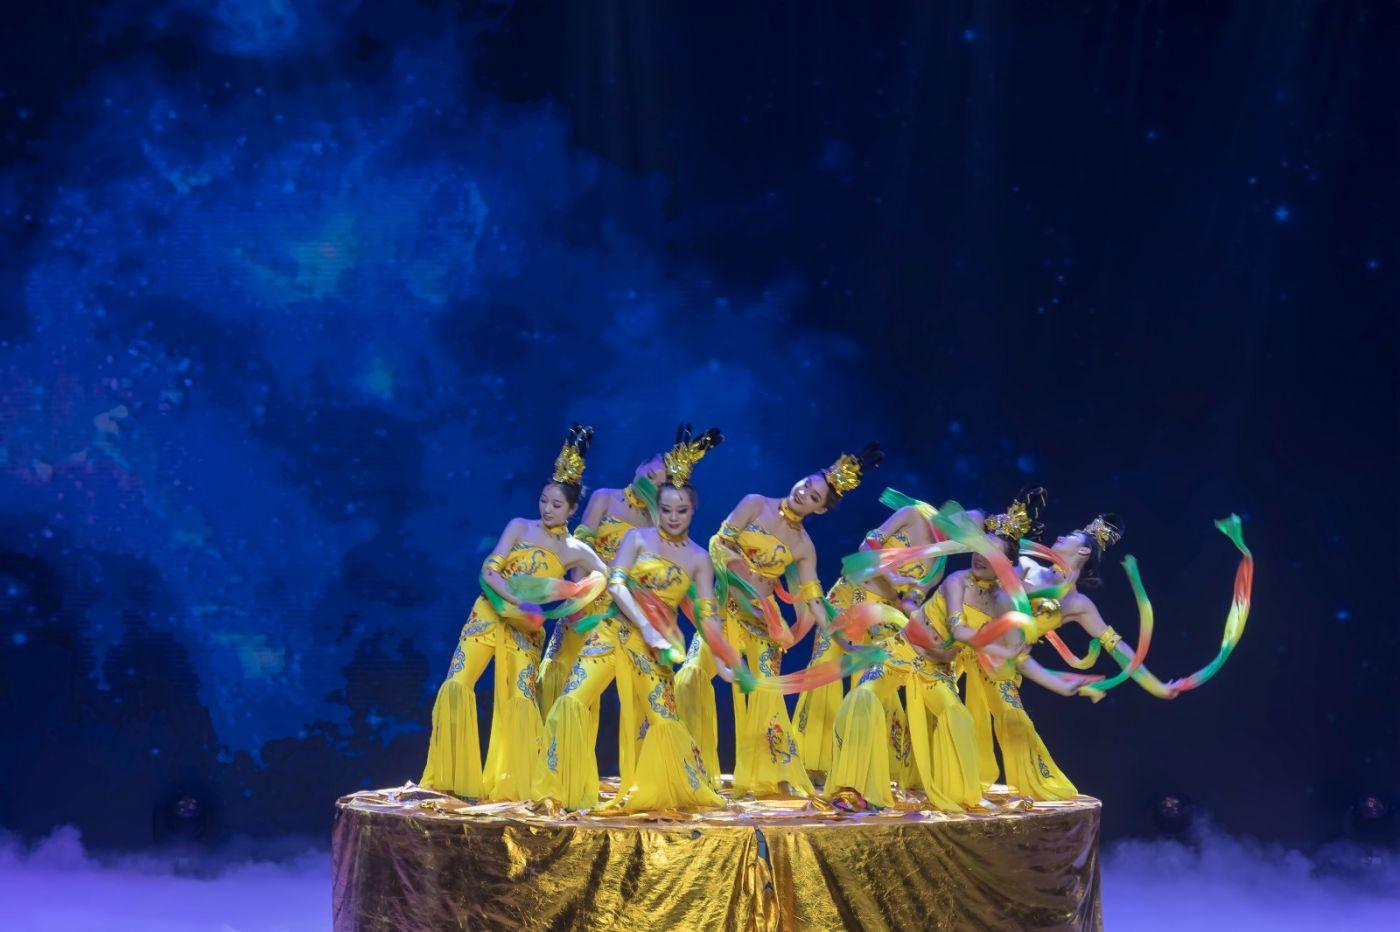 沂蒙大地上 有一种舞蹈叫飞天 这是几位临沂女孩的杰作 美轮美奂 ..._图1-42